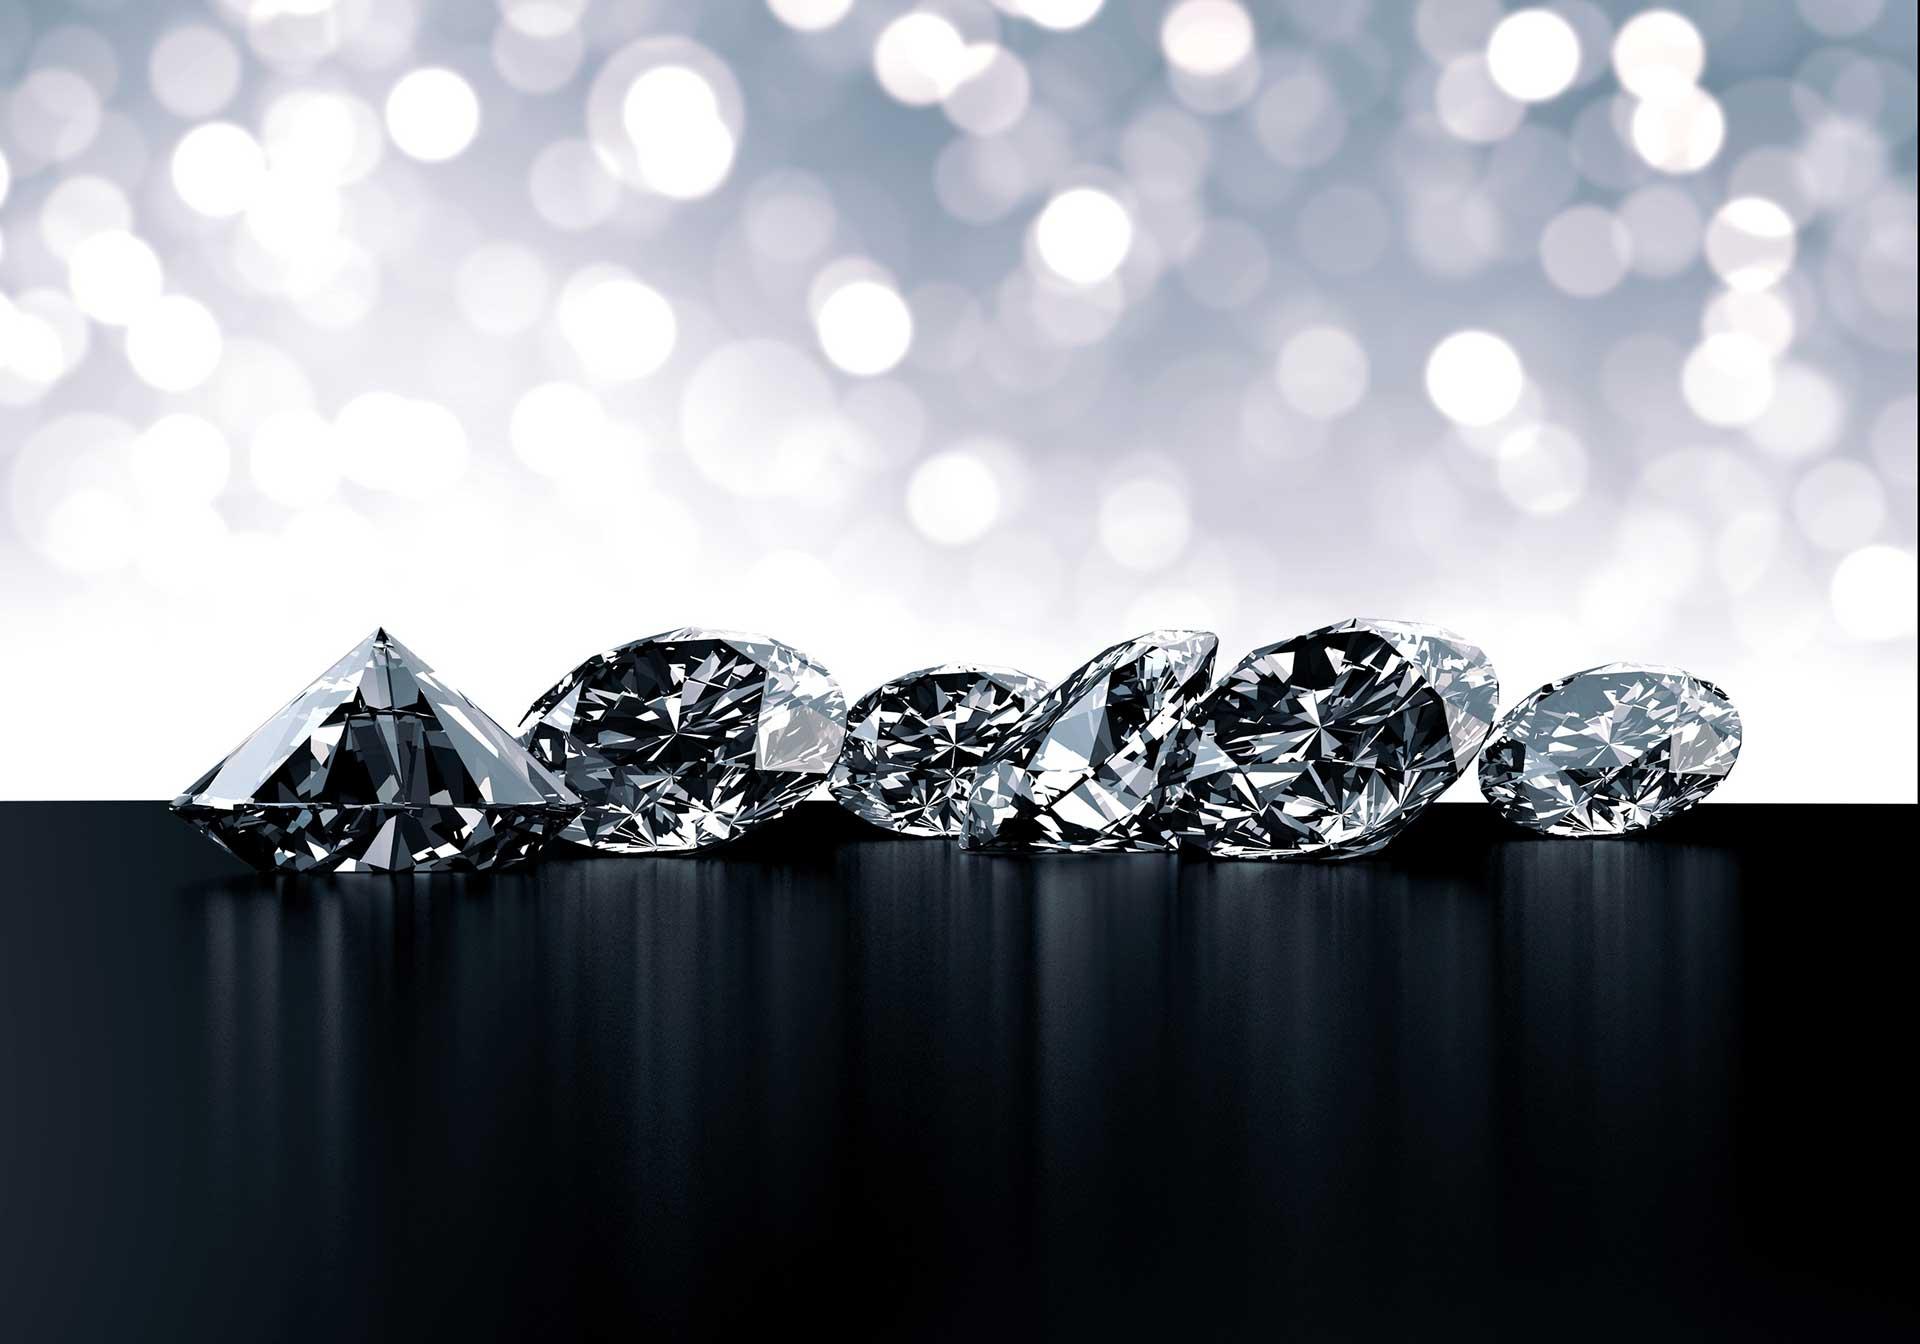 rolex-uhrenankauf-wien-juwelier-sascha, Breitling-Markenuhr-Uhren-Ankauf-Wien-Juwelier-Sascha, Goldringe, Bruchgold, Silberbesteck diamanten, kriterien, qualität, wert, brillant, opal, smaragd, juwelier, wien, reinheit, farbe, karat, schliff - DiamantenAnkaufBanner - Die Qualitätskriterien eines Diamanten zur Wertbestimmung